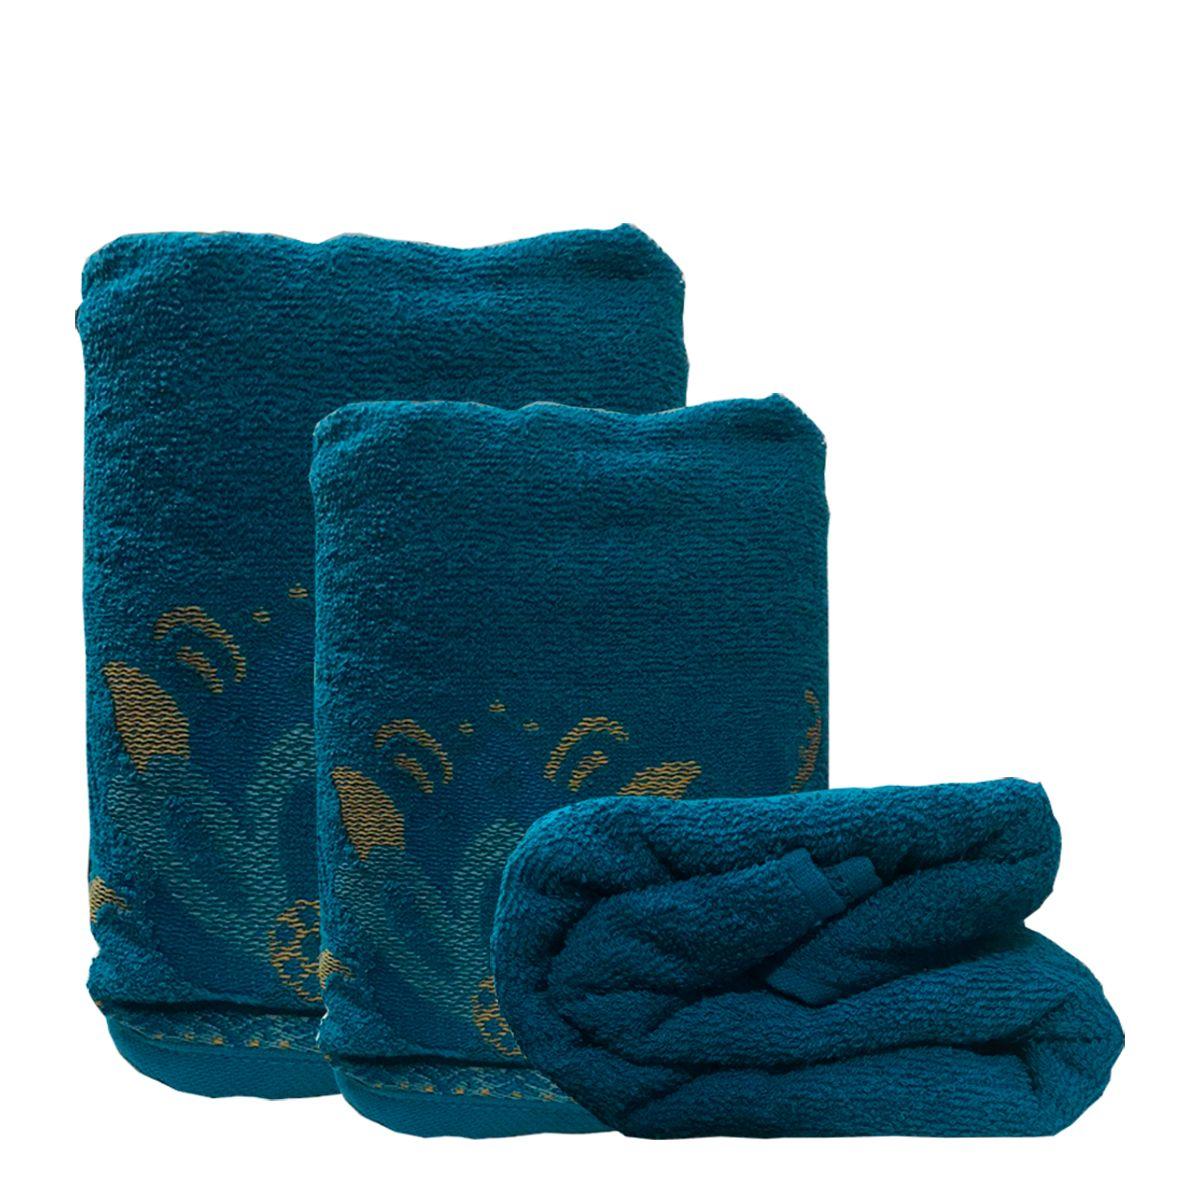 Jogo de Toalhas Lotus Azul Petroleo 5pçs